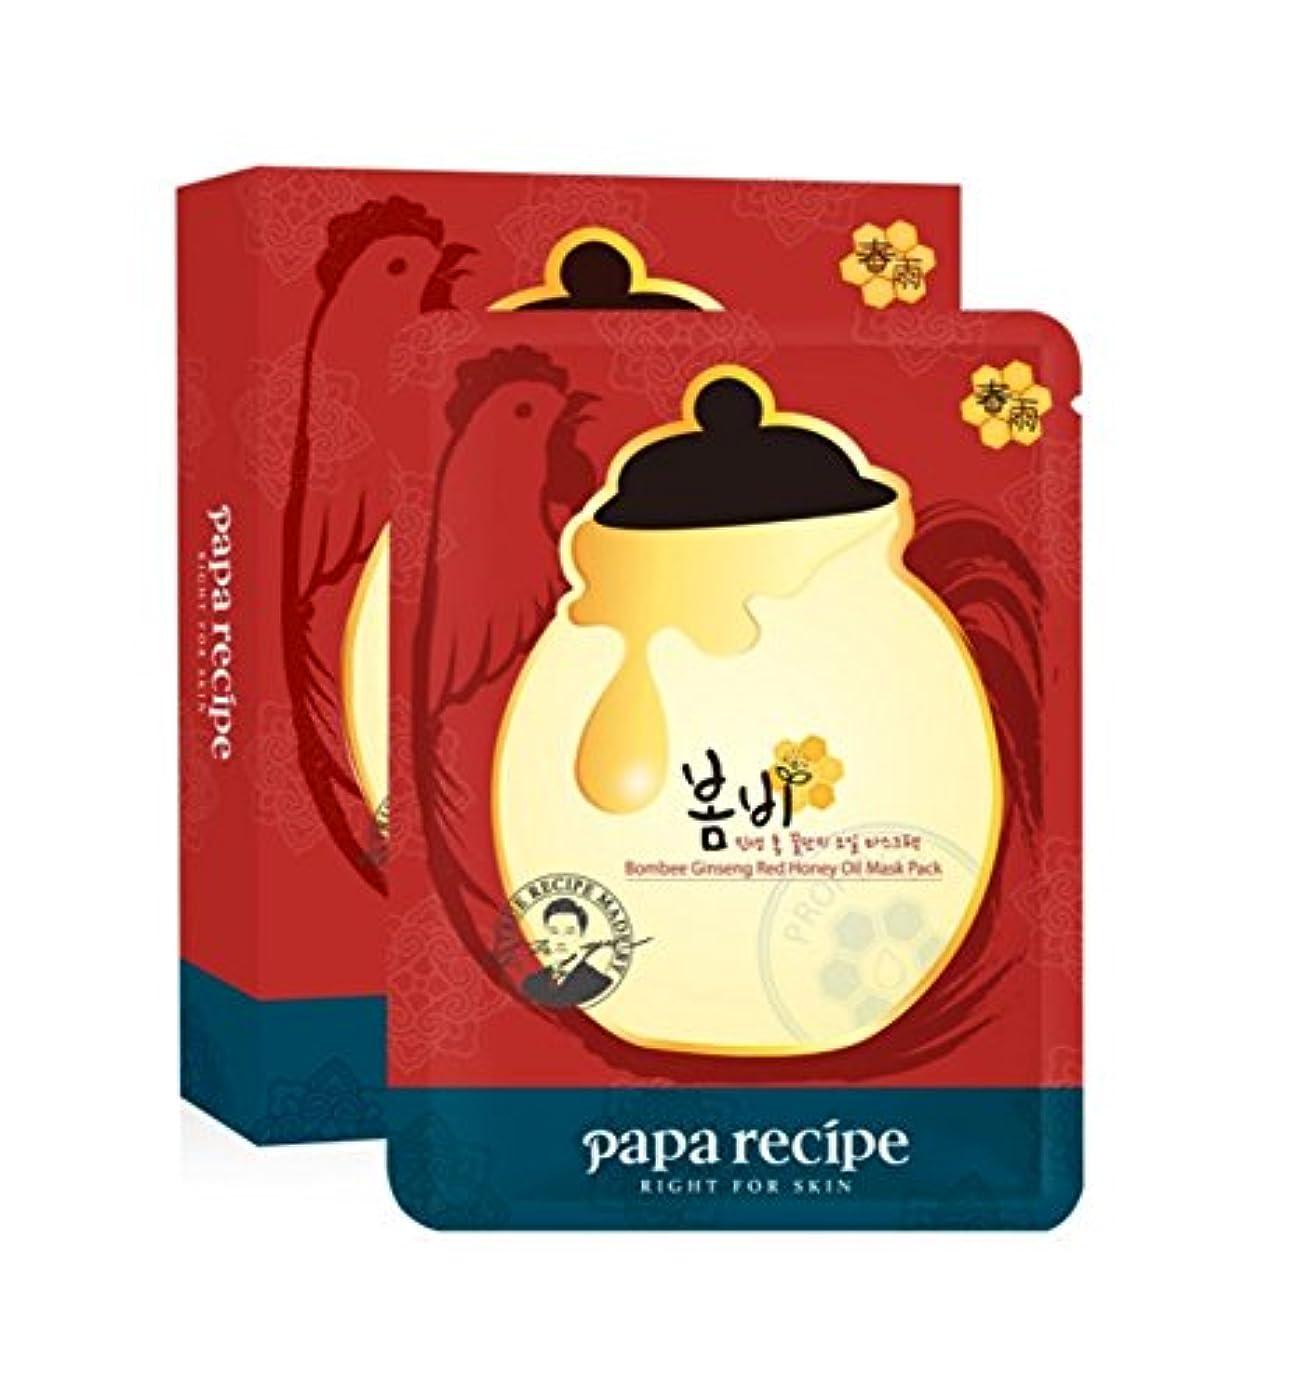 サンスマイル パパレシピ Paparecipe ボムビーハニーオイルマスク 紅参の香り 20ml×10枚(箱入り)